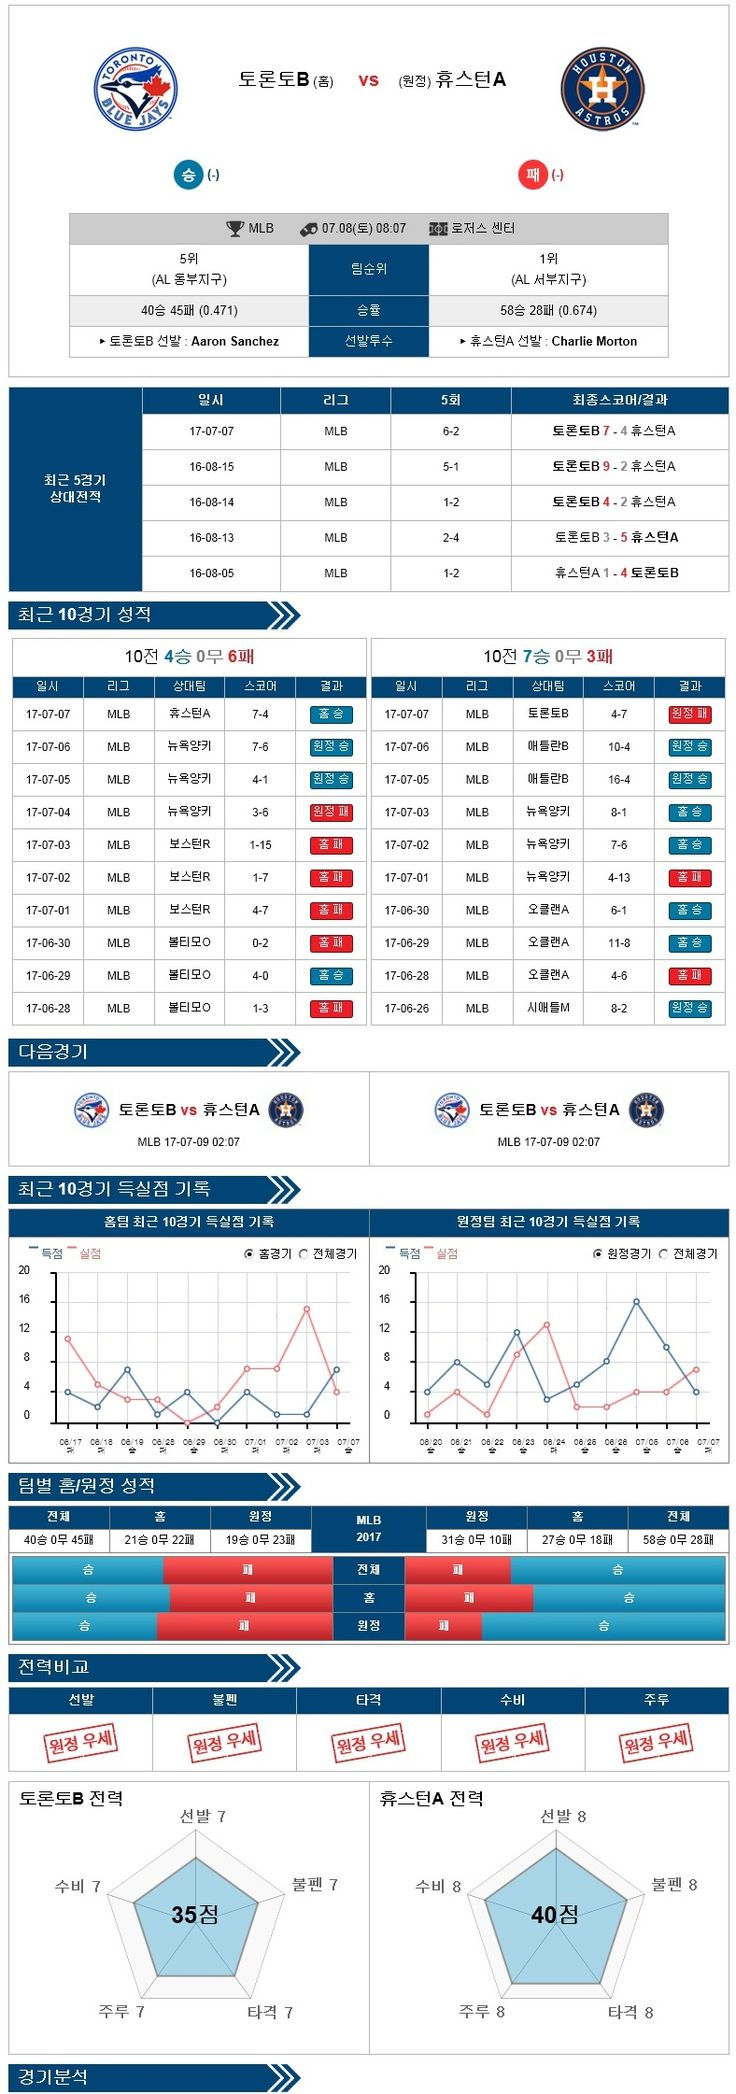 스포츠토토 분석 [MLB] 7월 08일 야구분석픽 토론토 vs 휴스턴 ★토토군 분석픽★